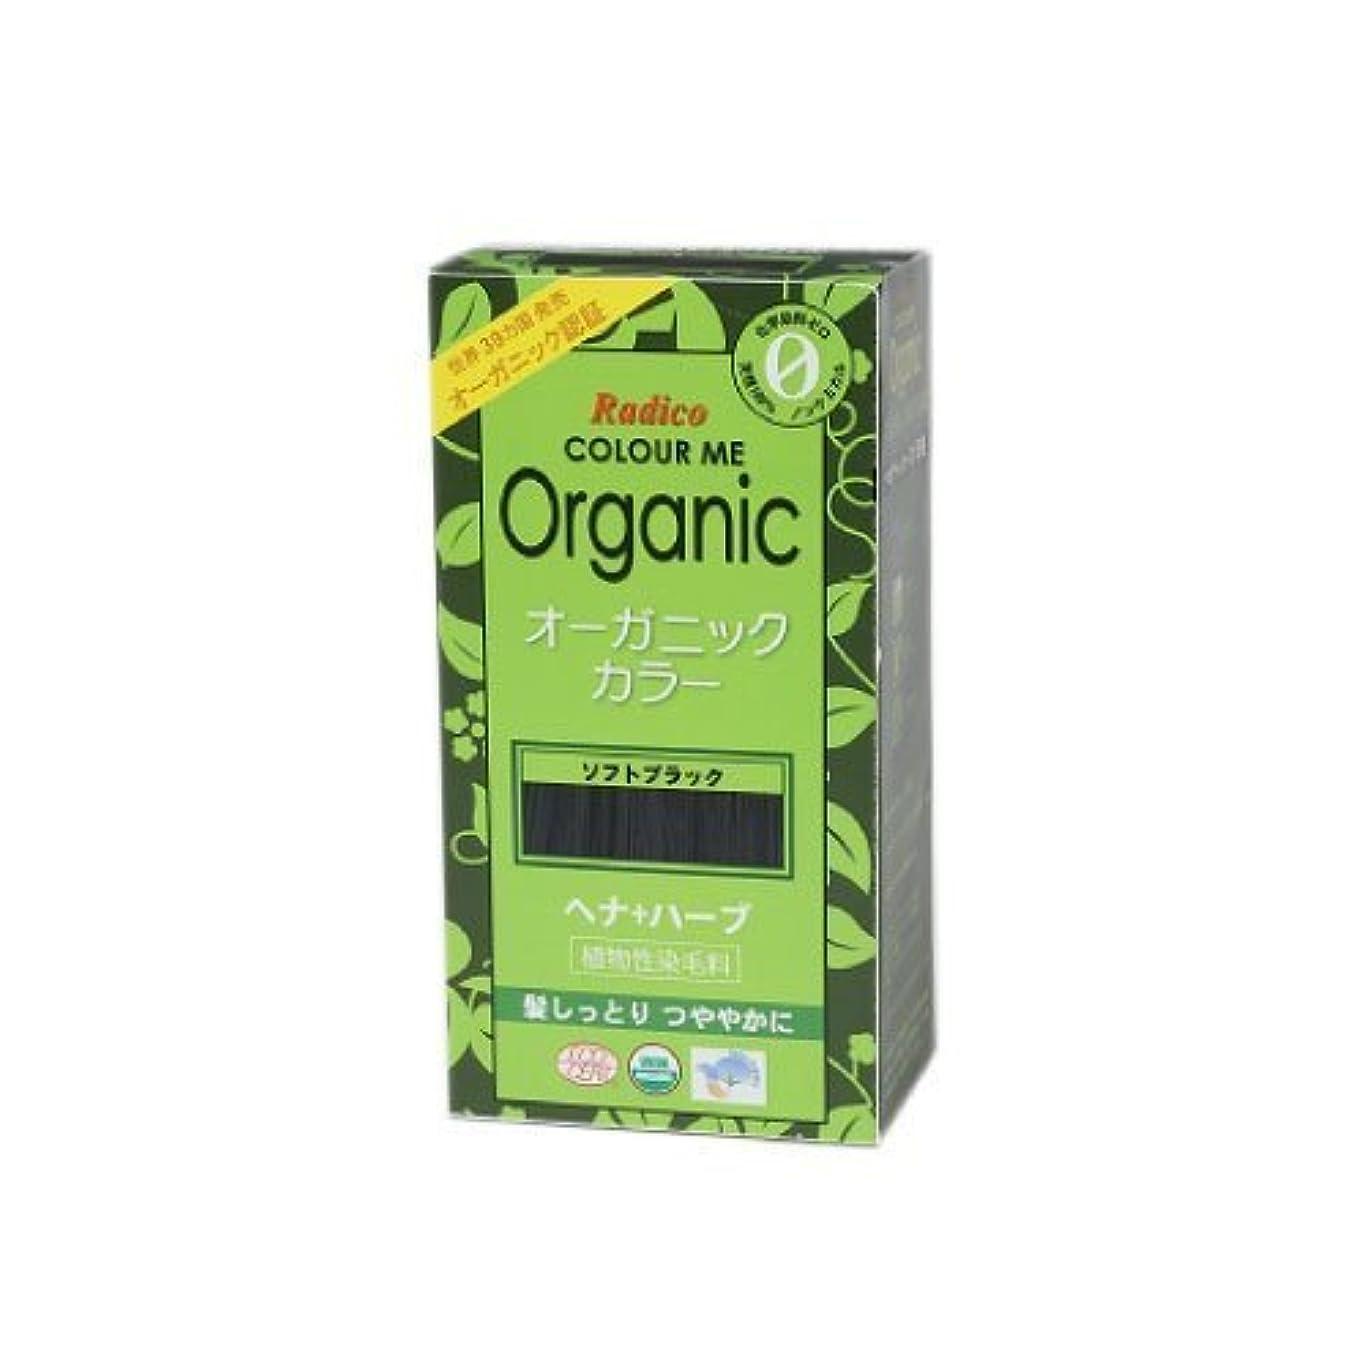 副詞自治序文COLOURME Organic (カラーミーオーガニック ヘナ 白髪用 髪色戻し) ソフトブラック 100g